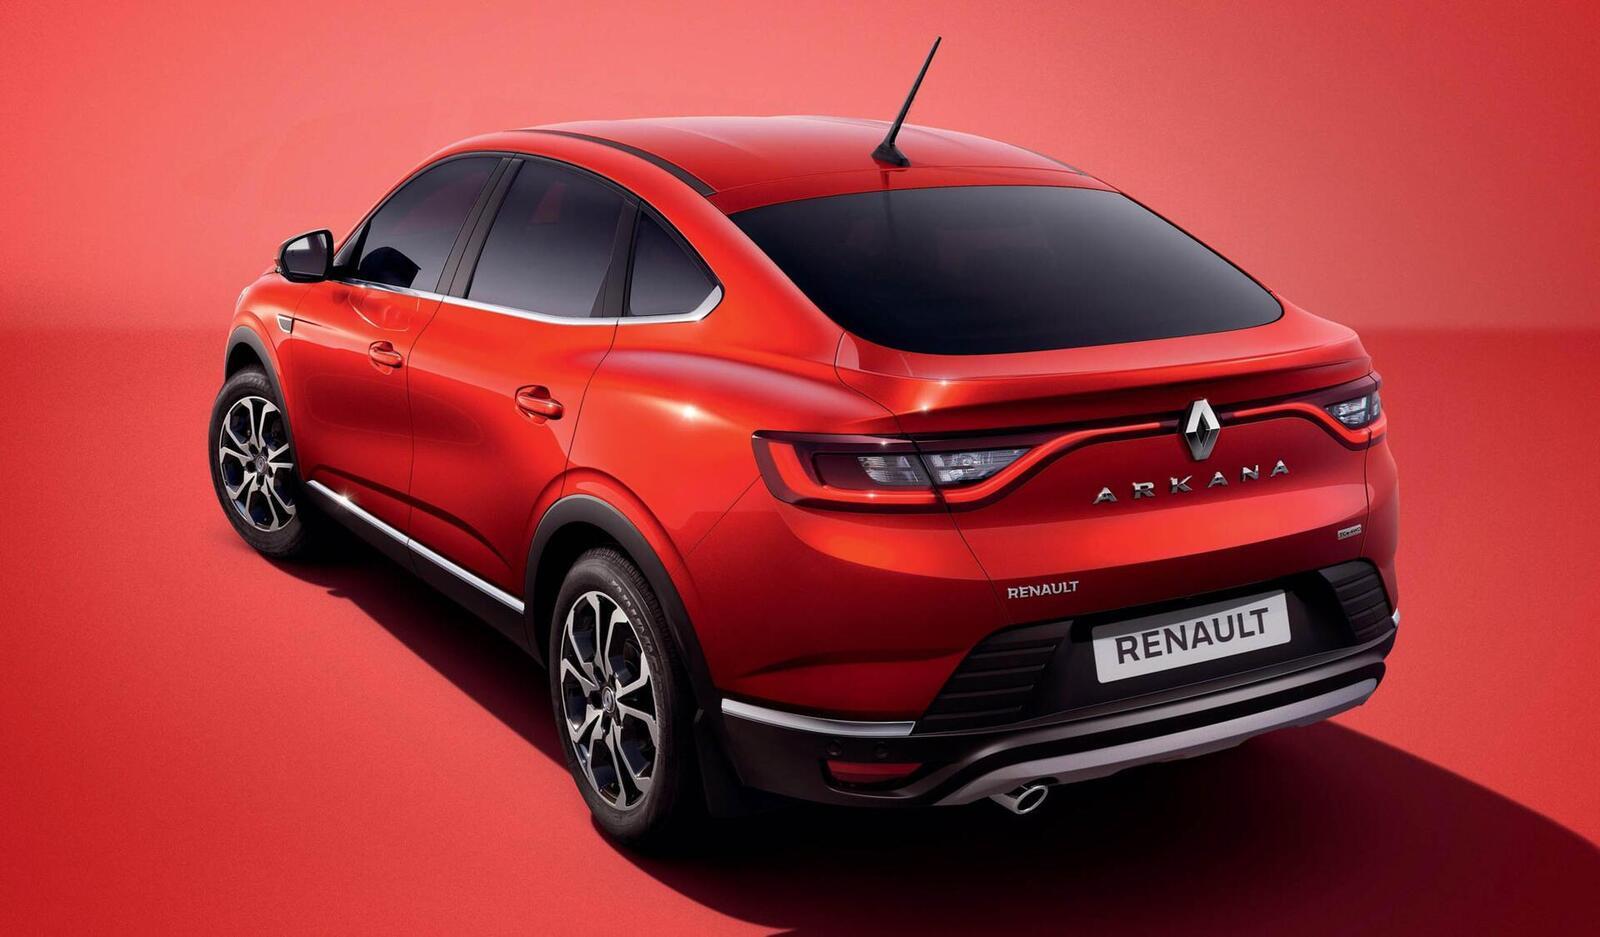 Renault giới thiệu Arkana mới: SUV Coupe mang thiết kế tương tự BMW X6 - Hình 5